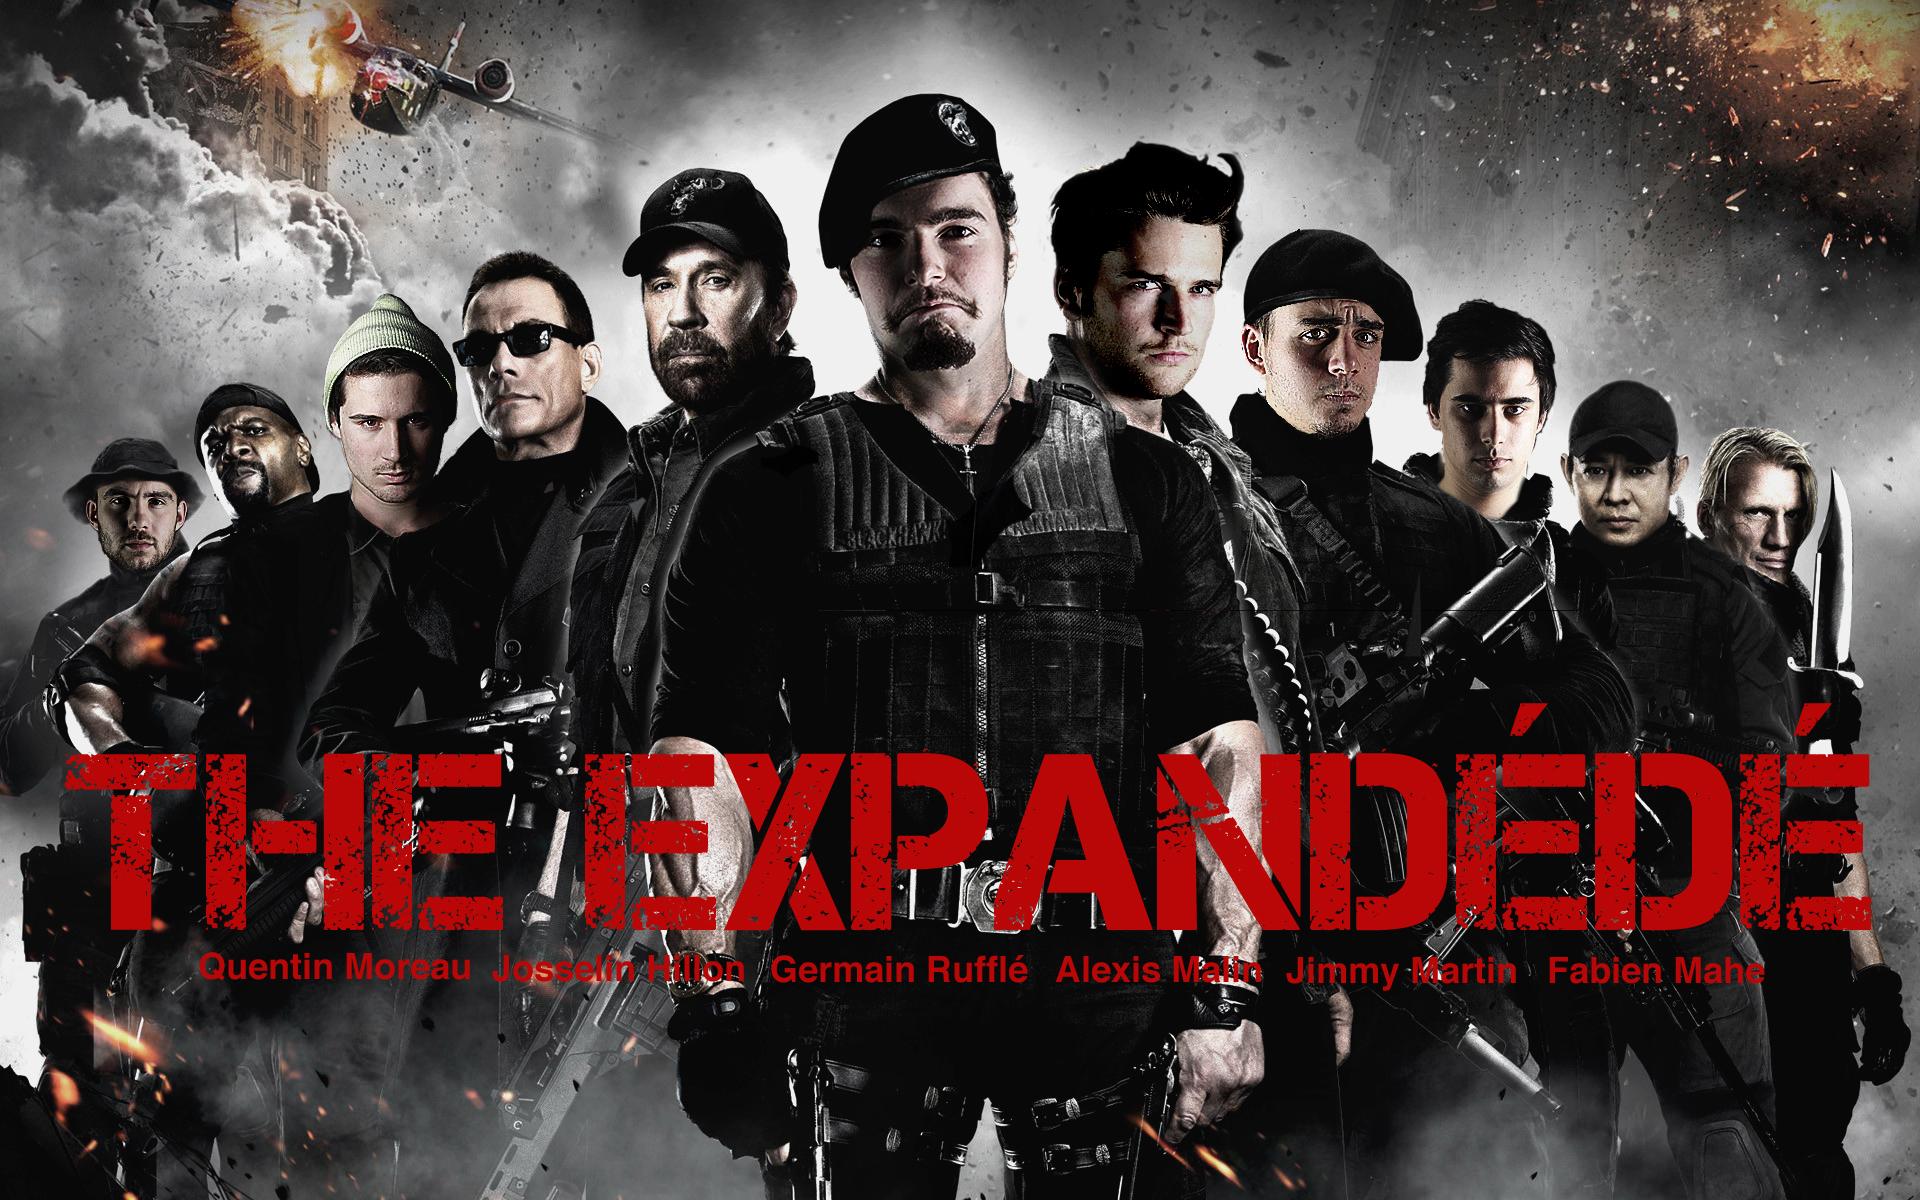 The Expandables - (De gauche à droite) Quentin Moreau, Josselin Hillion, Germain Rufflé, Alexis Malin, Jimmy Martin et Fabien Mahé